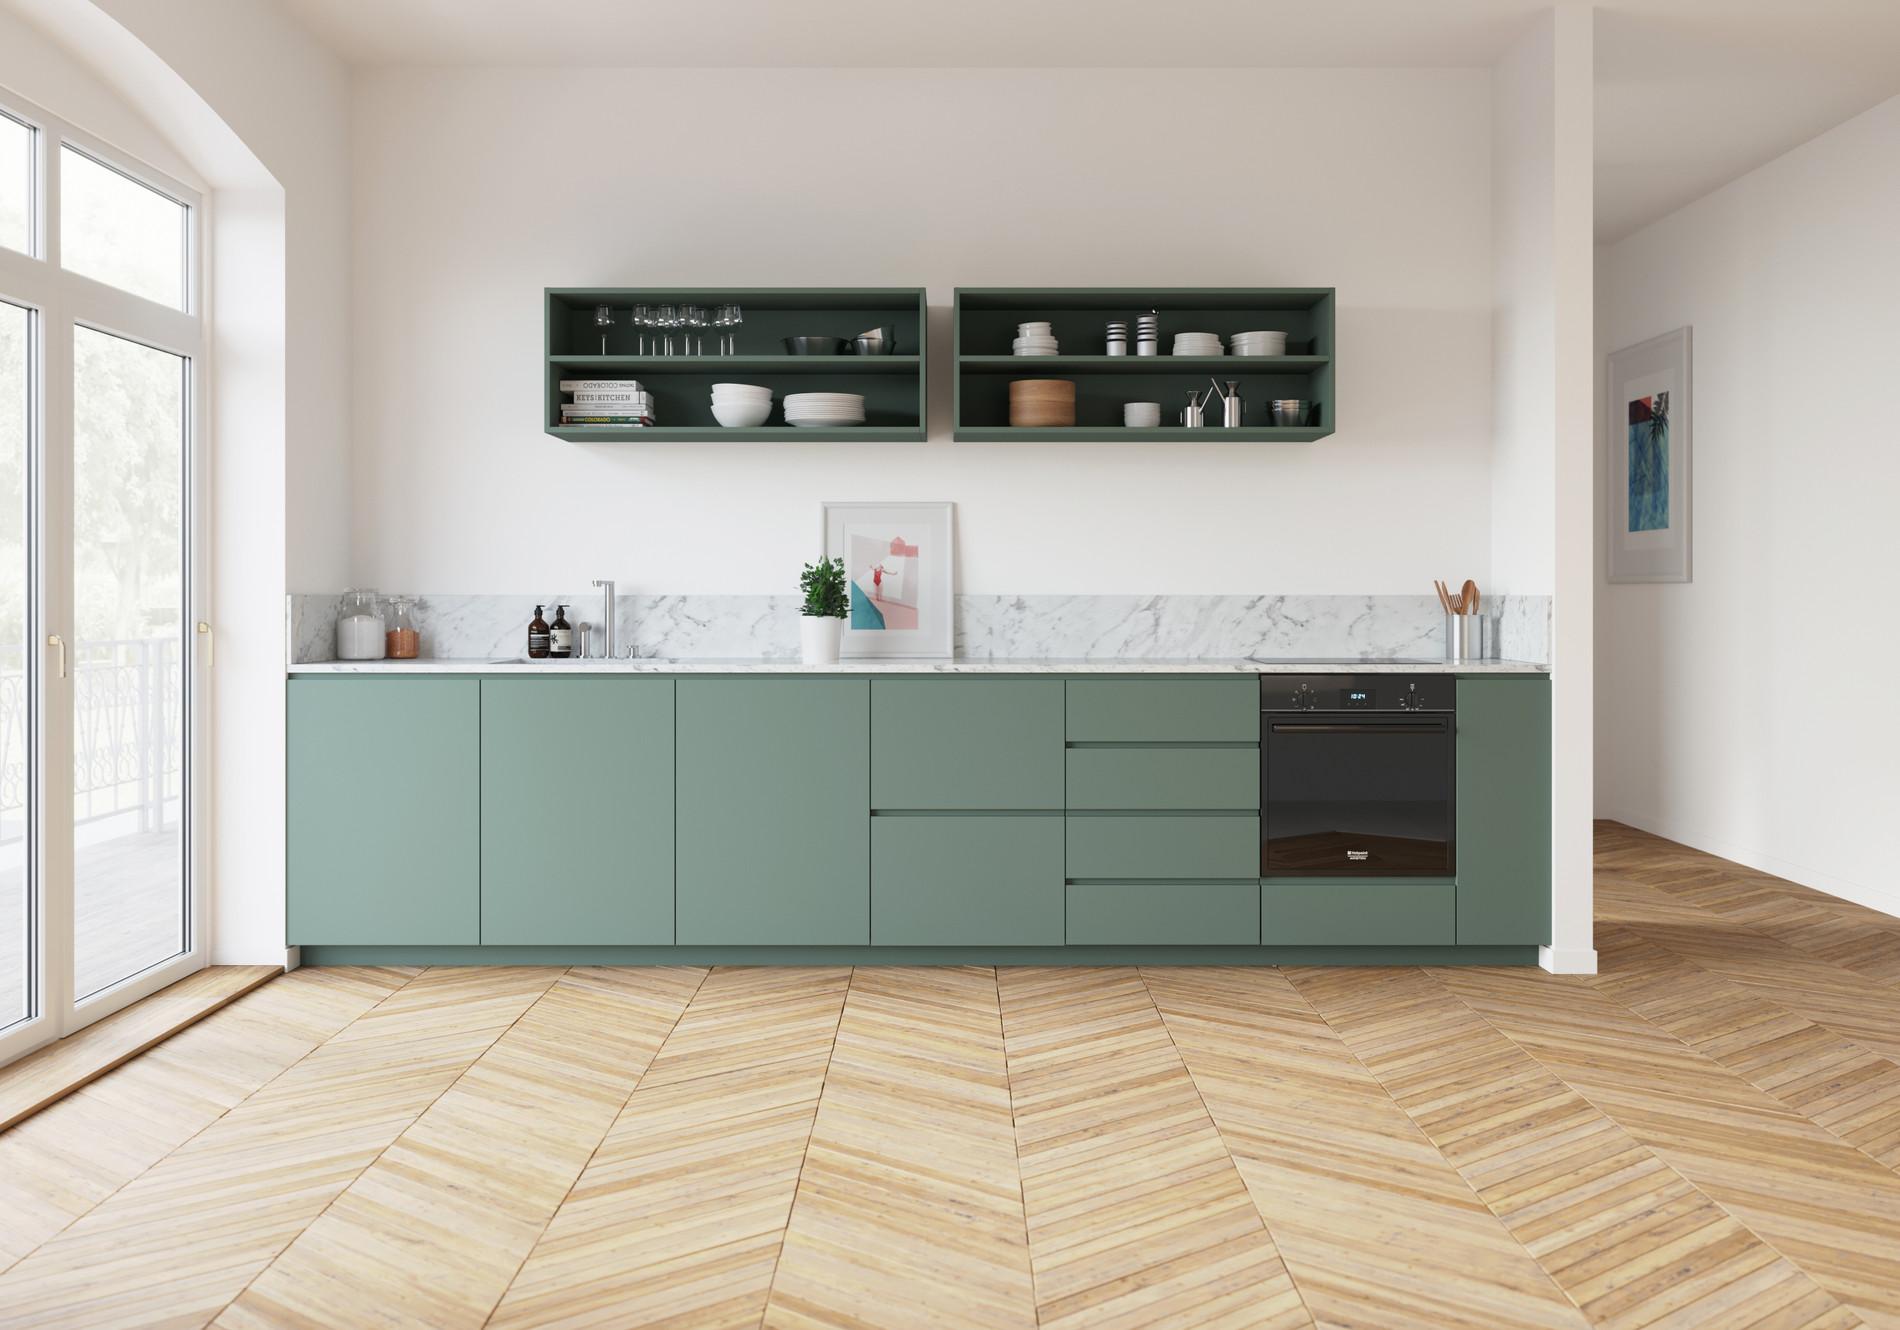 Poignée De Cuisine Ikea personnalisez votre cuisine | plum | france